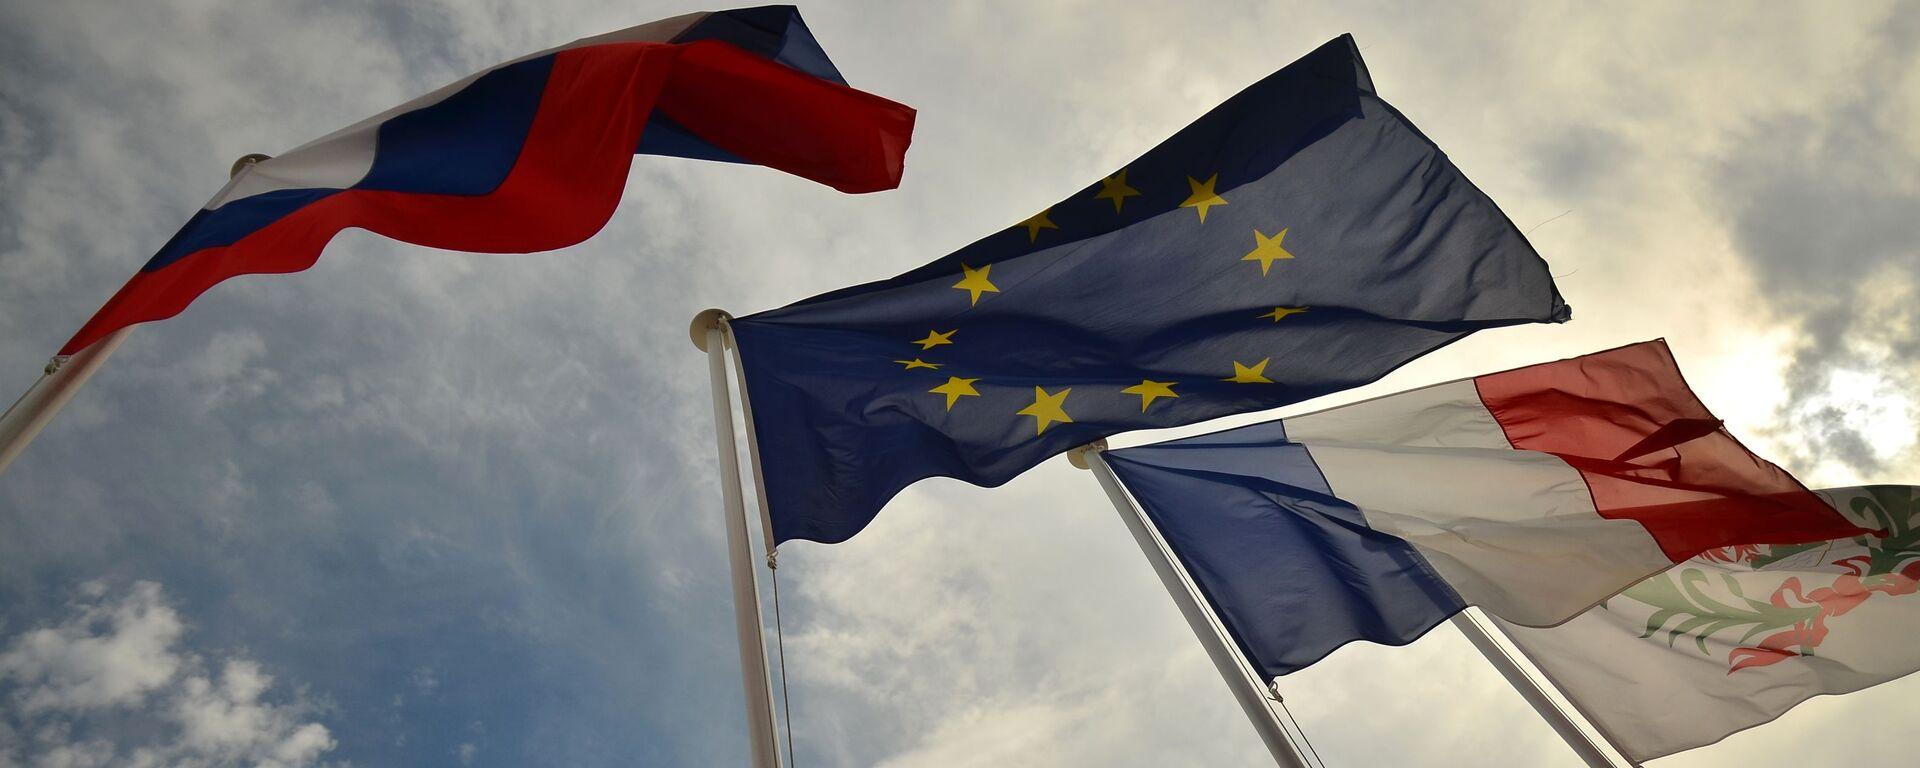 Vlajky Ruska, EU, Francie. Ilustrační foto - Sputnik Česká republika, 1920, 20.09.2021